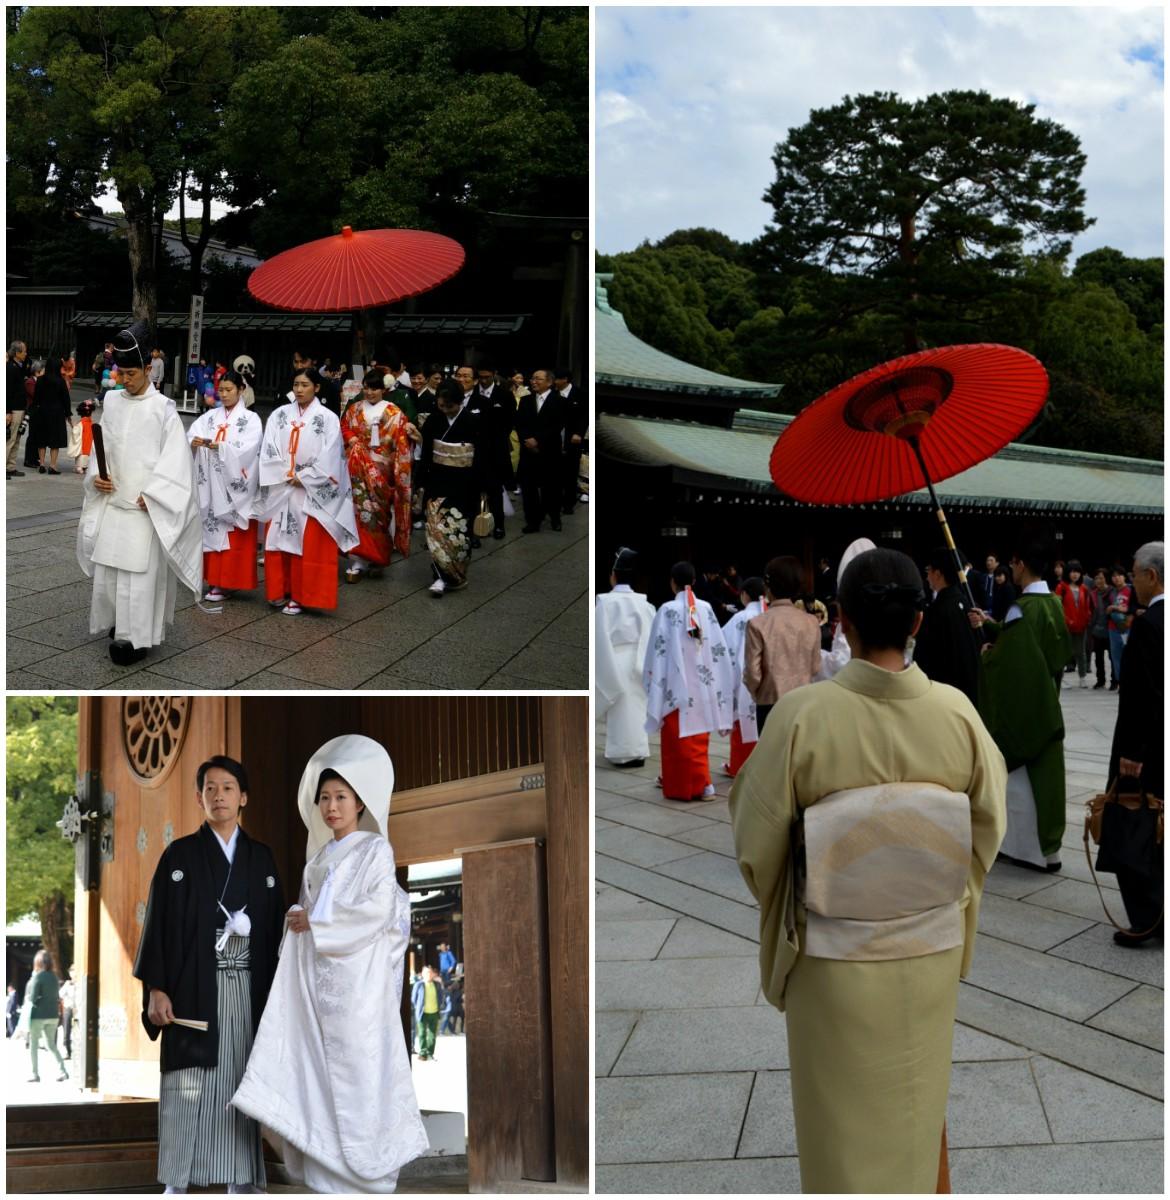 Ιαπωνικός γάμος - νύφη και γαμπρός